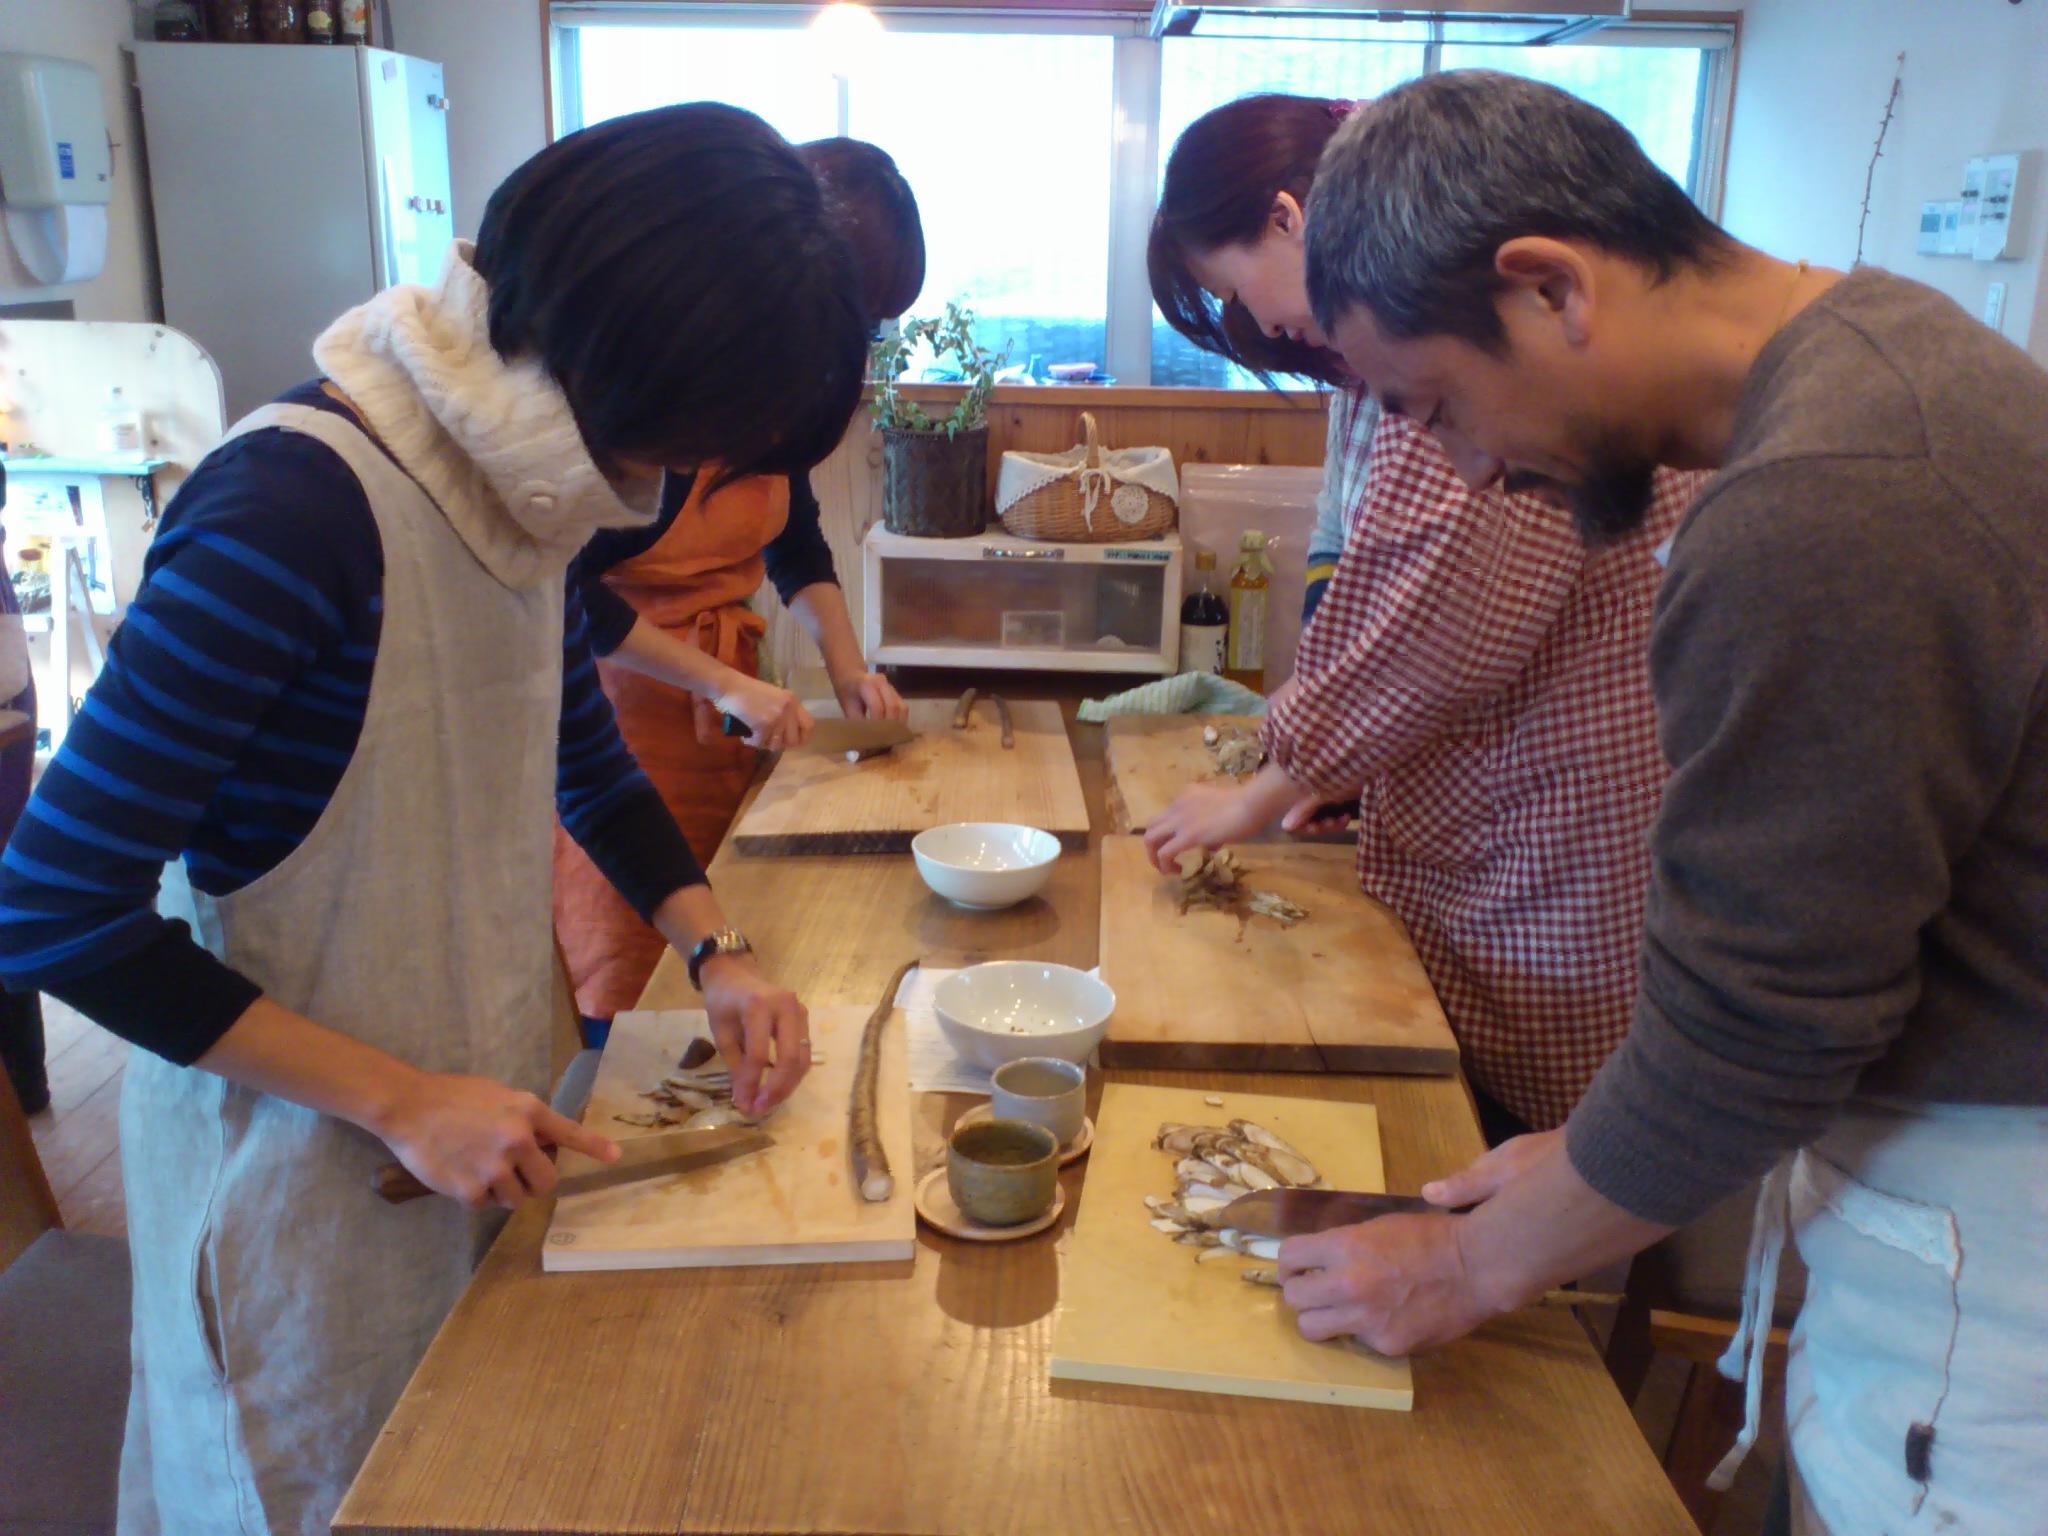 @福岡バンビの木箱。鉄火味噌作り。今日も麻炭を入れます。根気鍛える手仕事。五感と身体力を補充◎